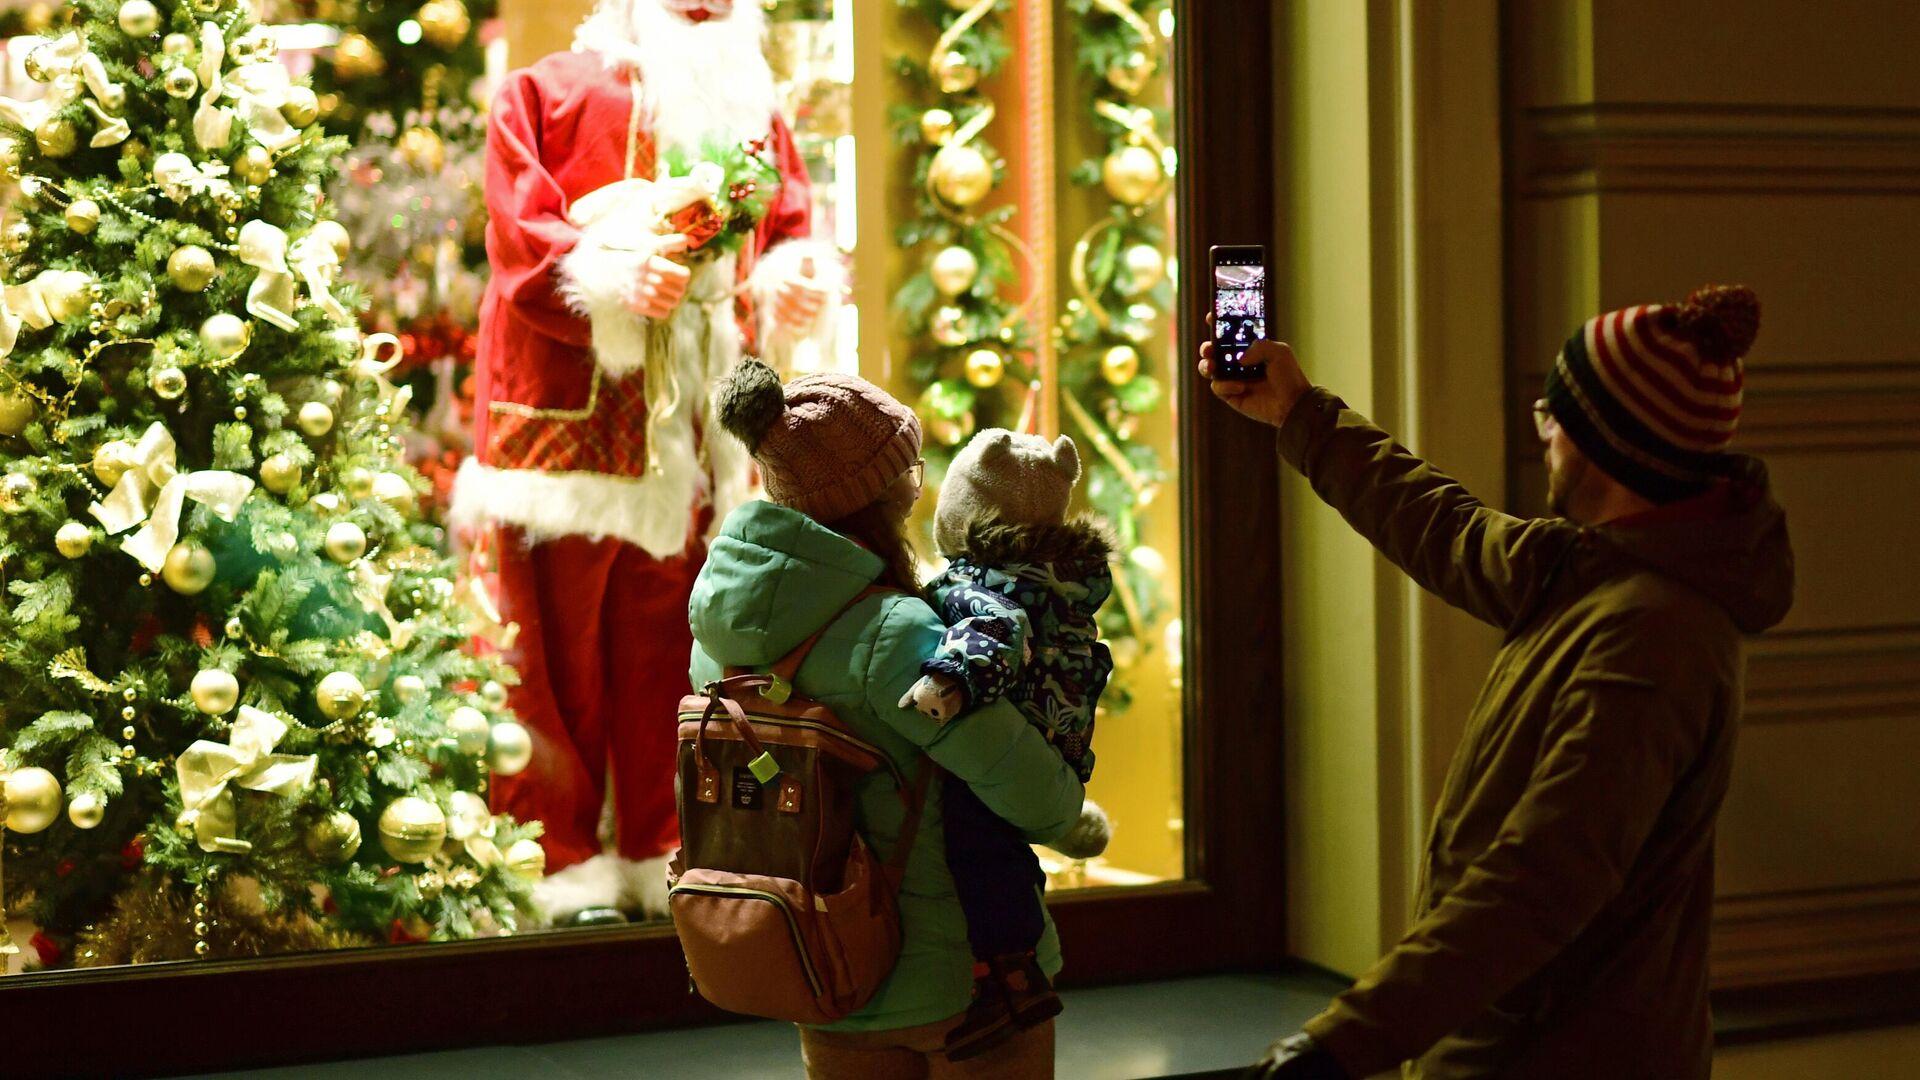 Семья у витрины с новогодним украшением на Никольской улице в Москве - РИА Новости, 1920, 02.12.2020